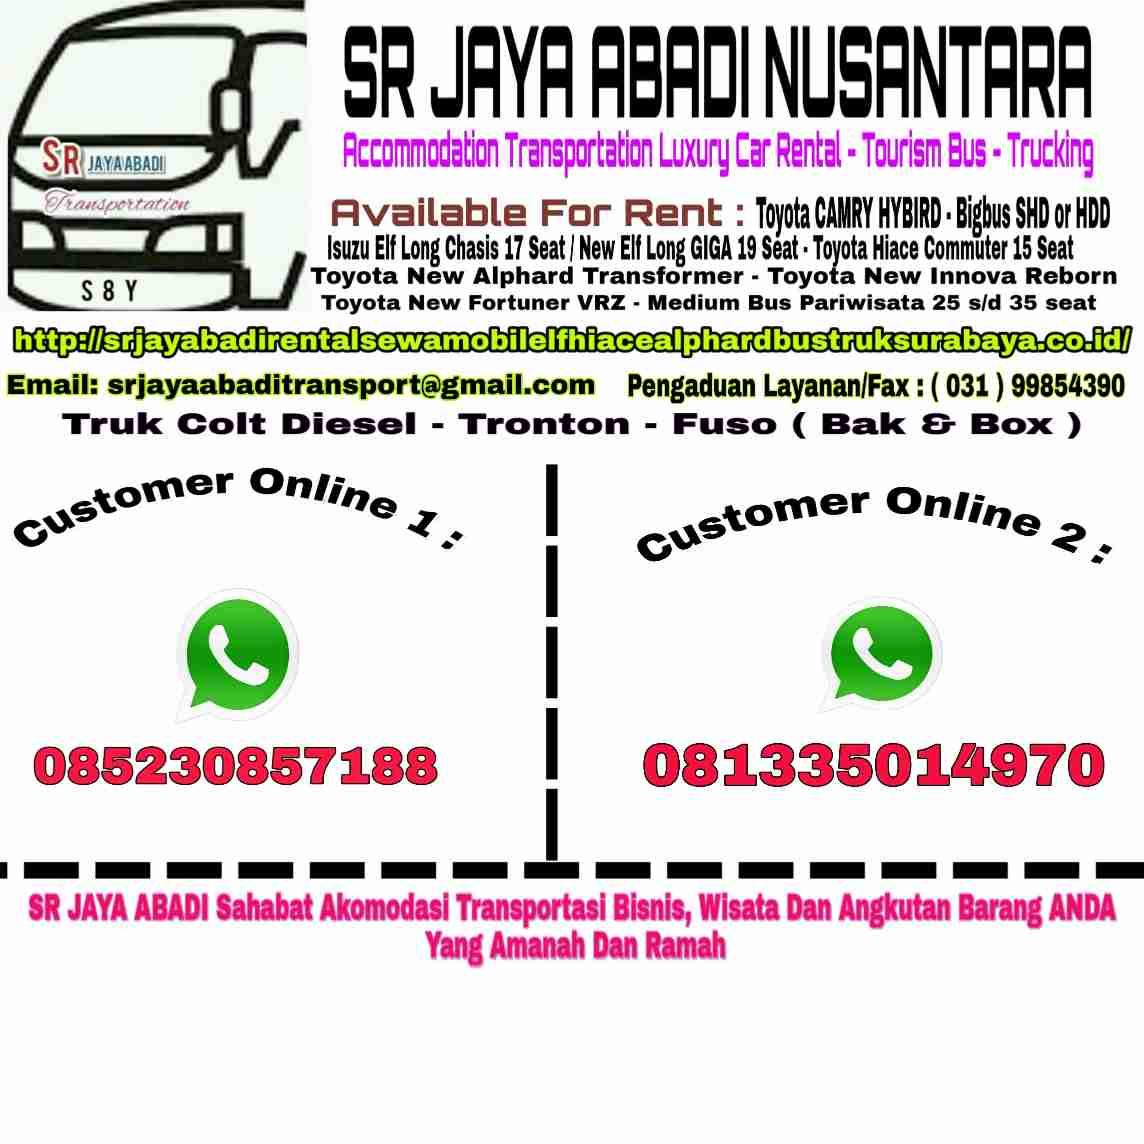 SR JAYA ABADI Rent Surabaya